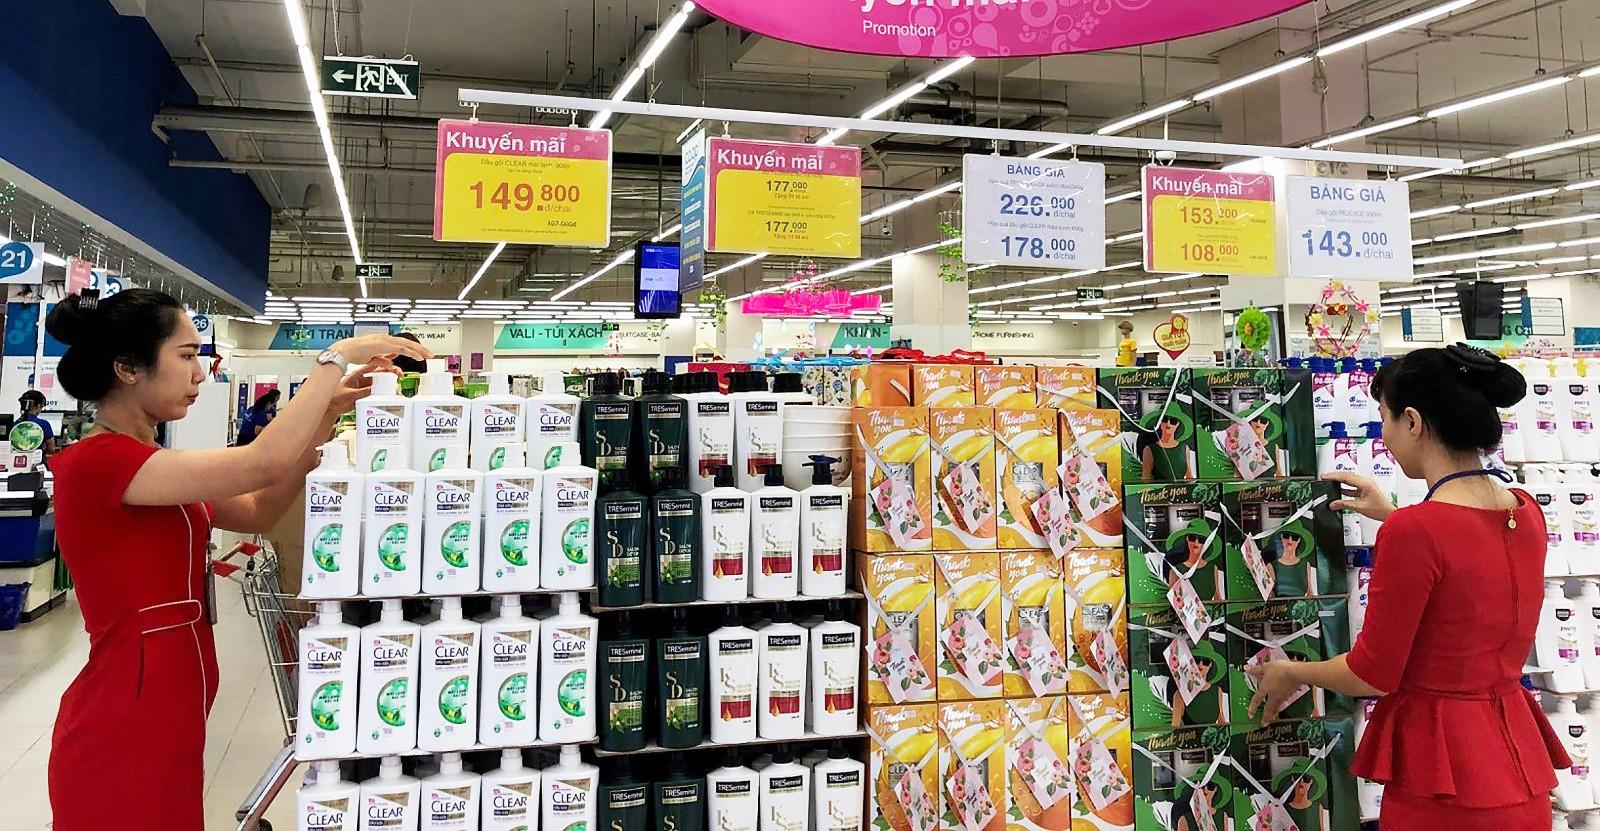 Tại các siêu thị, quà cho ngày 20-10 đã được bày bán rất nhiều.